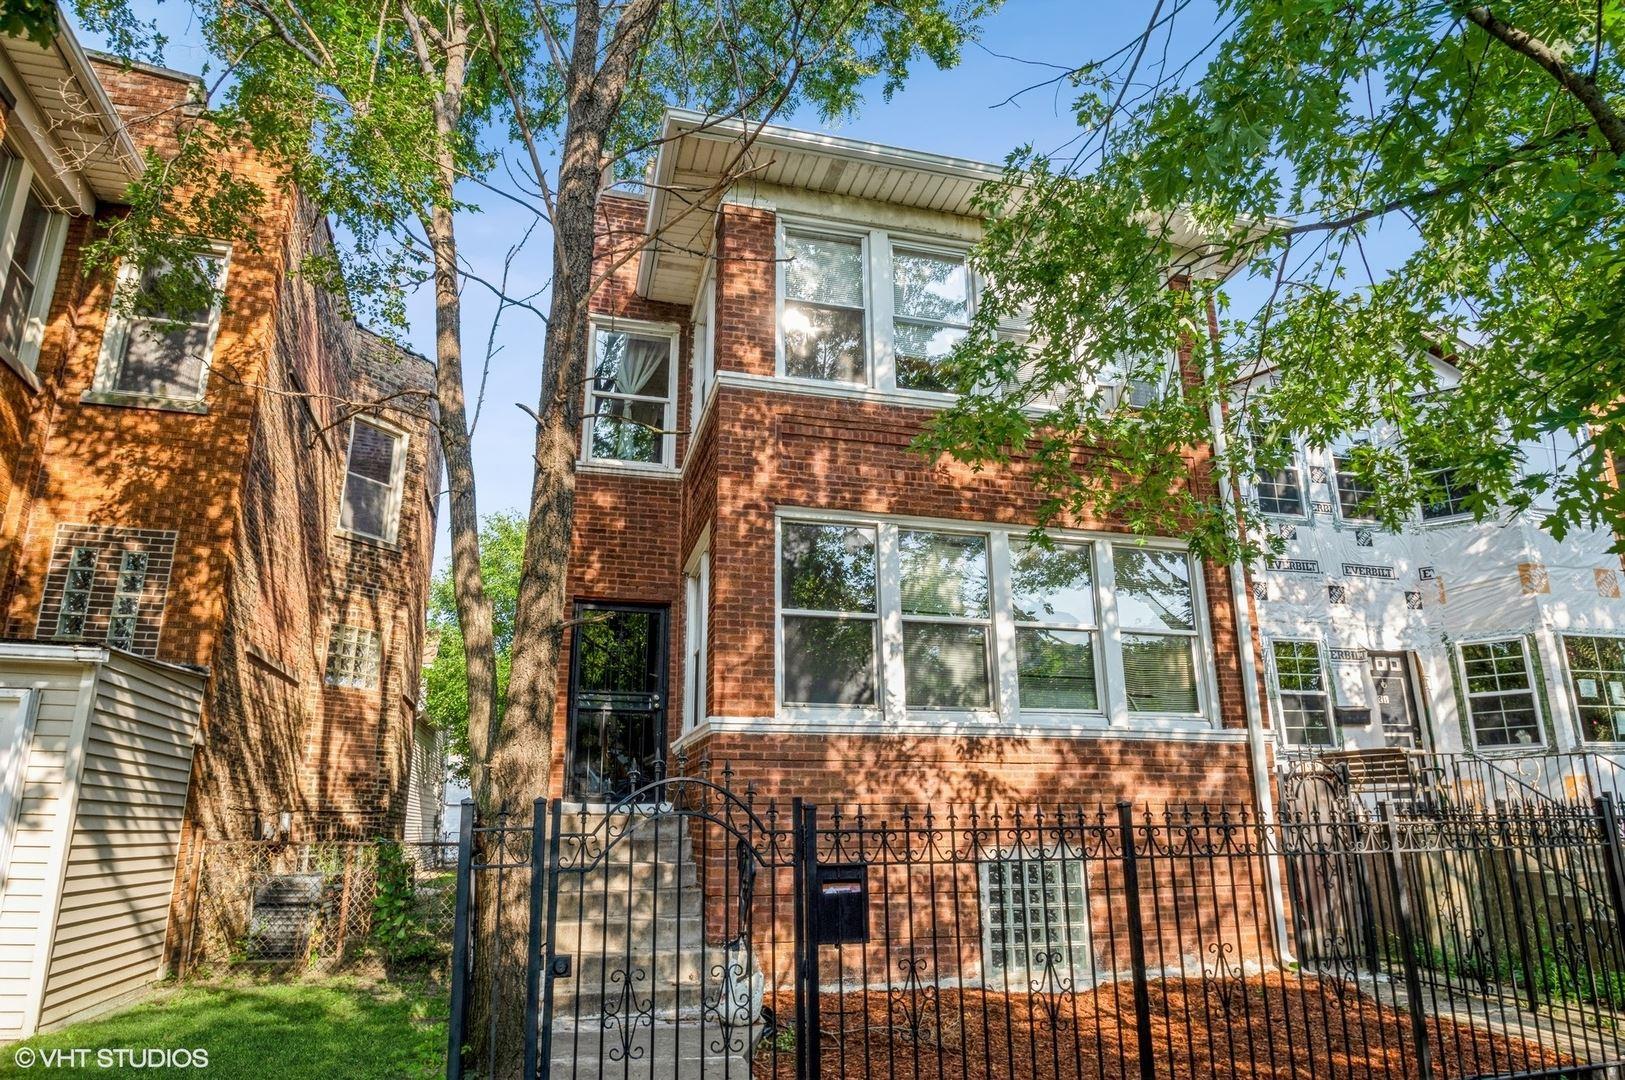 4023 N Kilbourn Avenue, Chicago, IL 60641 - #: 11204019